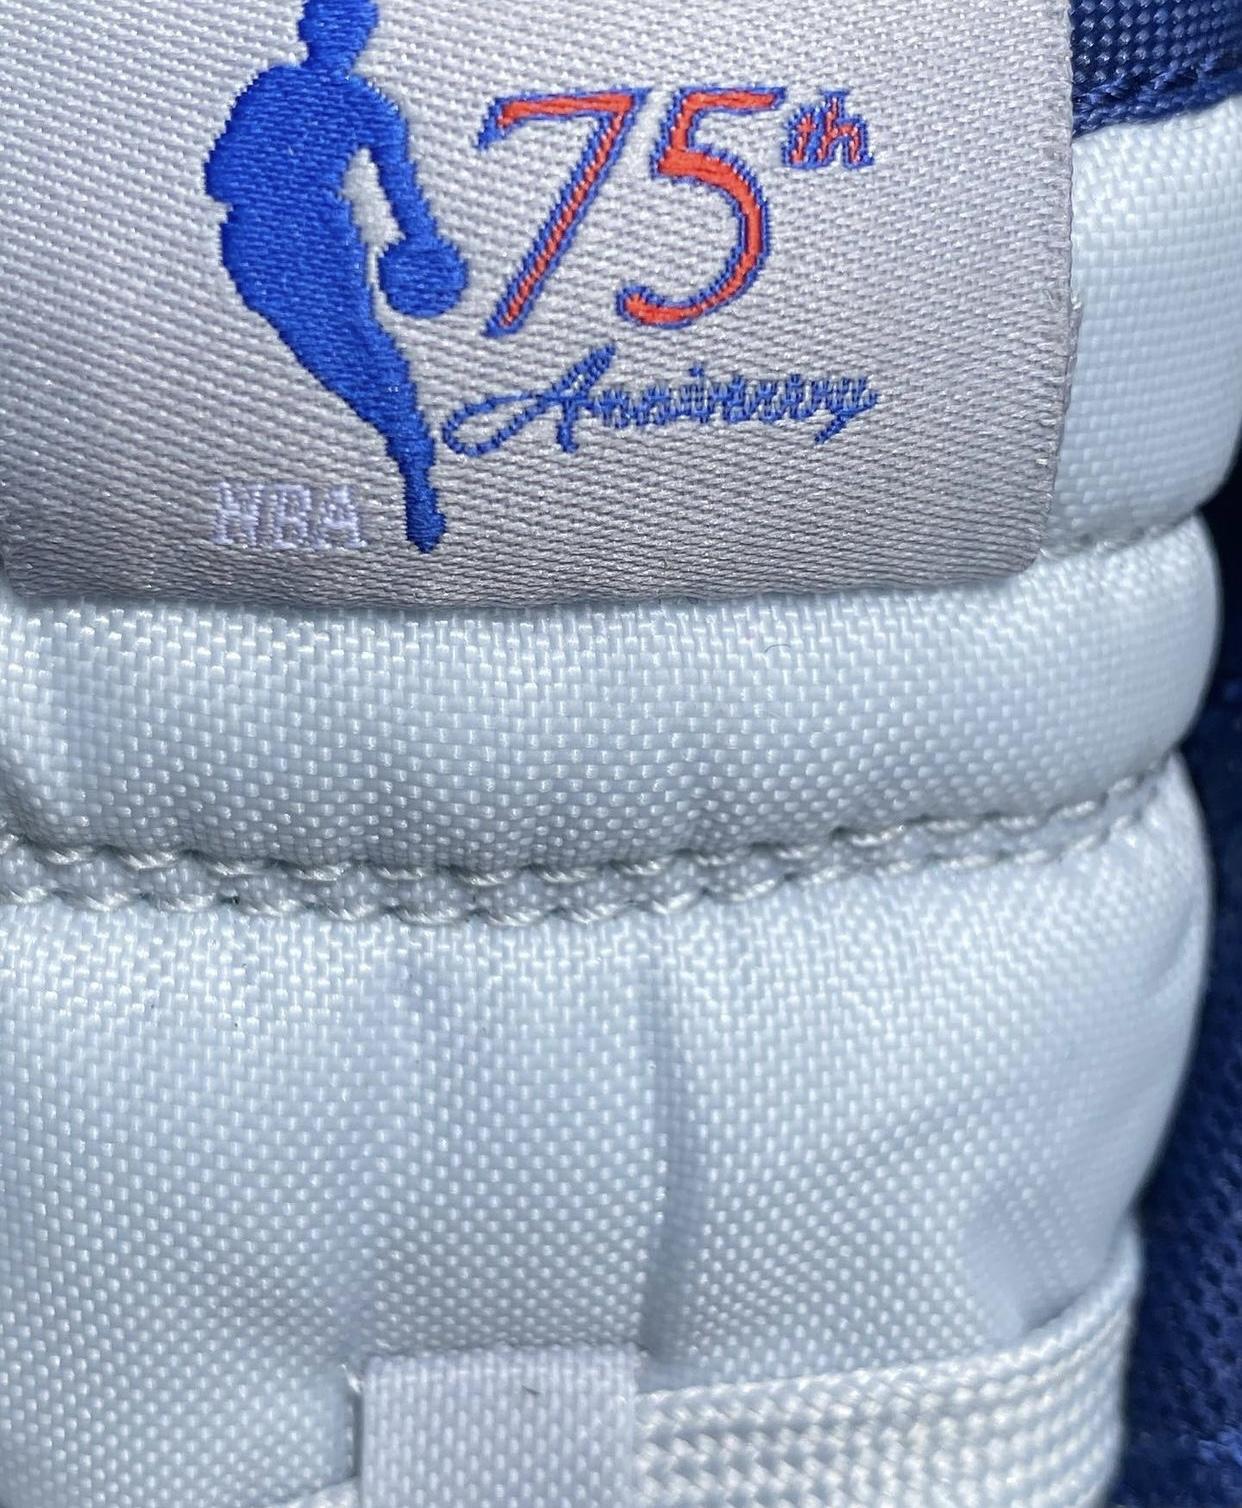 NBA Nike Dunk Low Brooklyn Nets Release Date